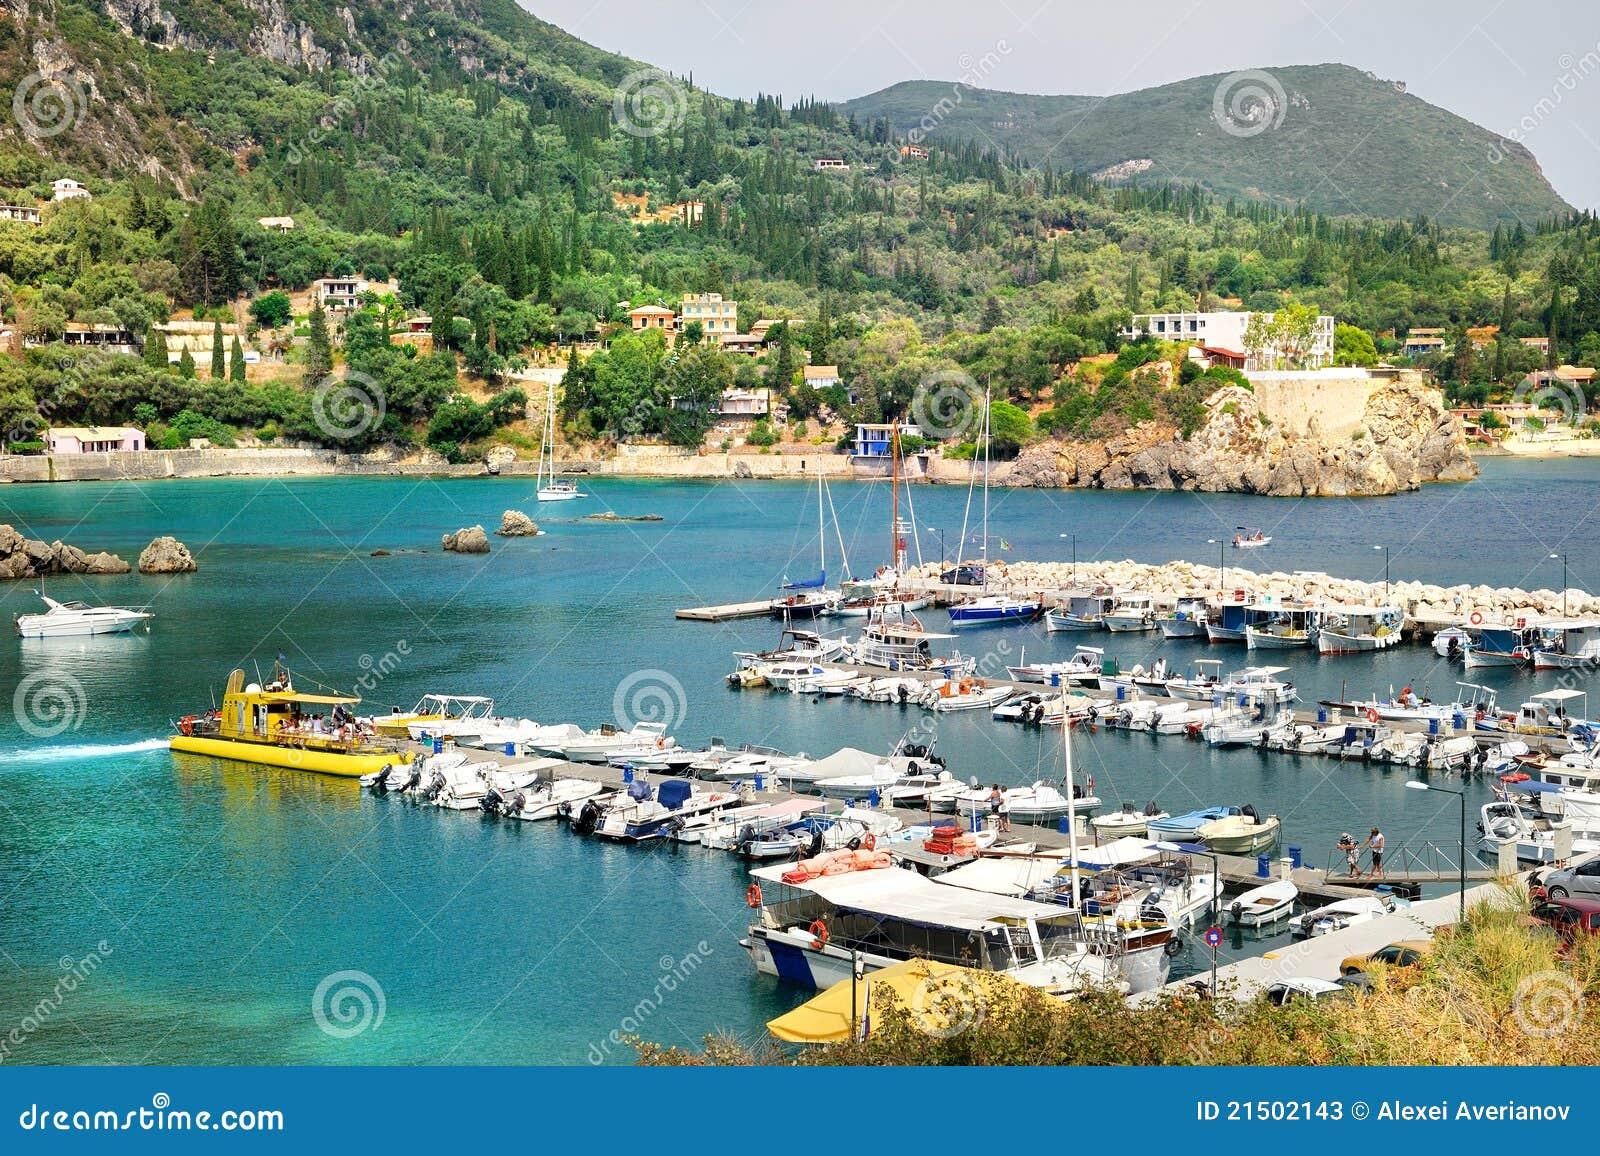 Yacht port of Paleokastritsa bay